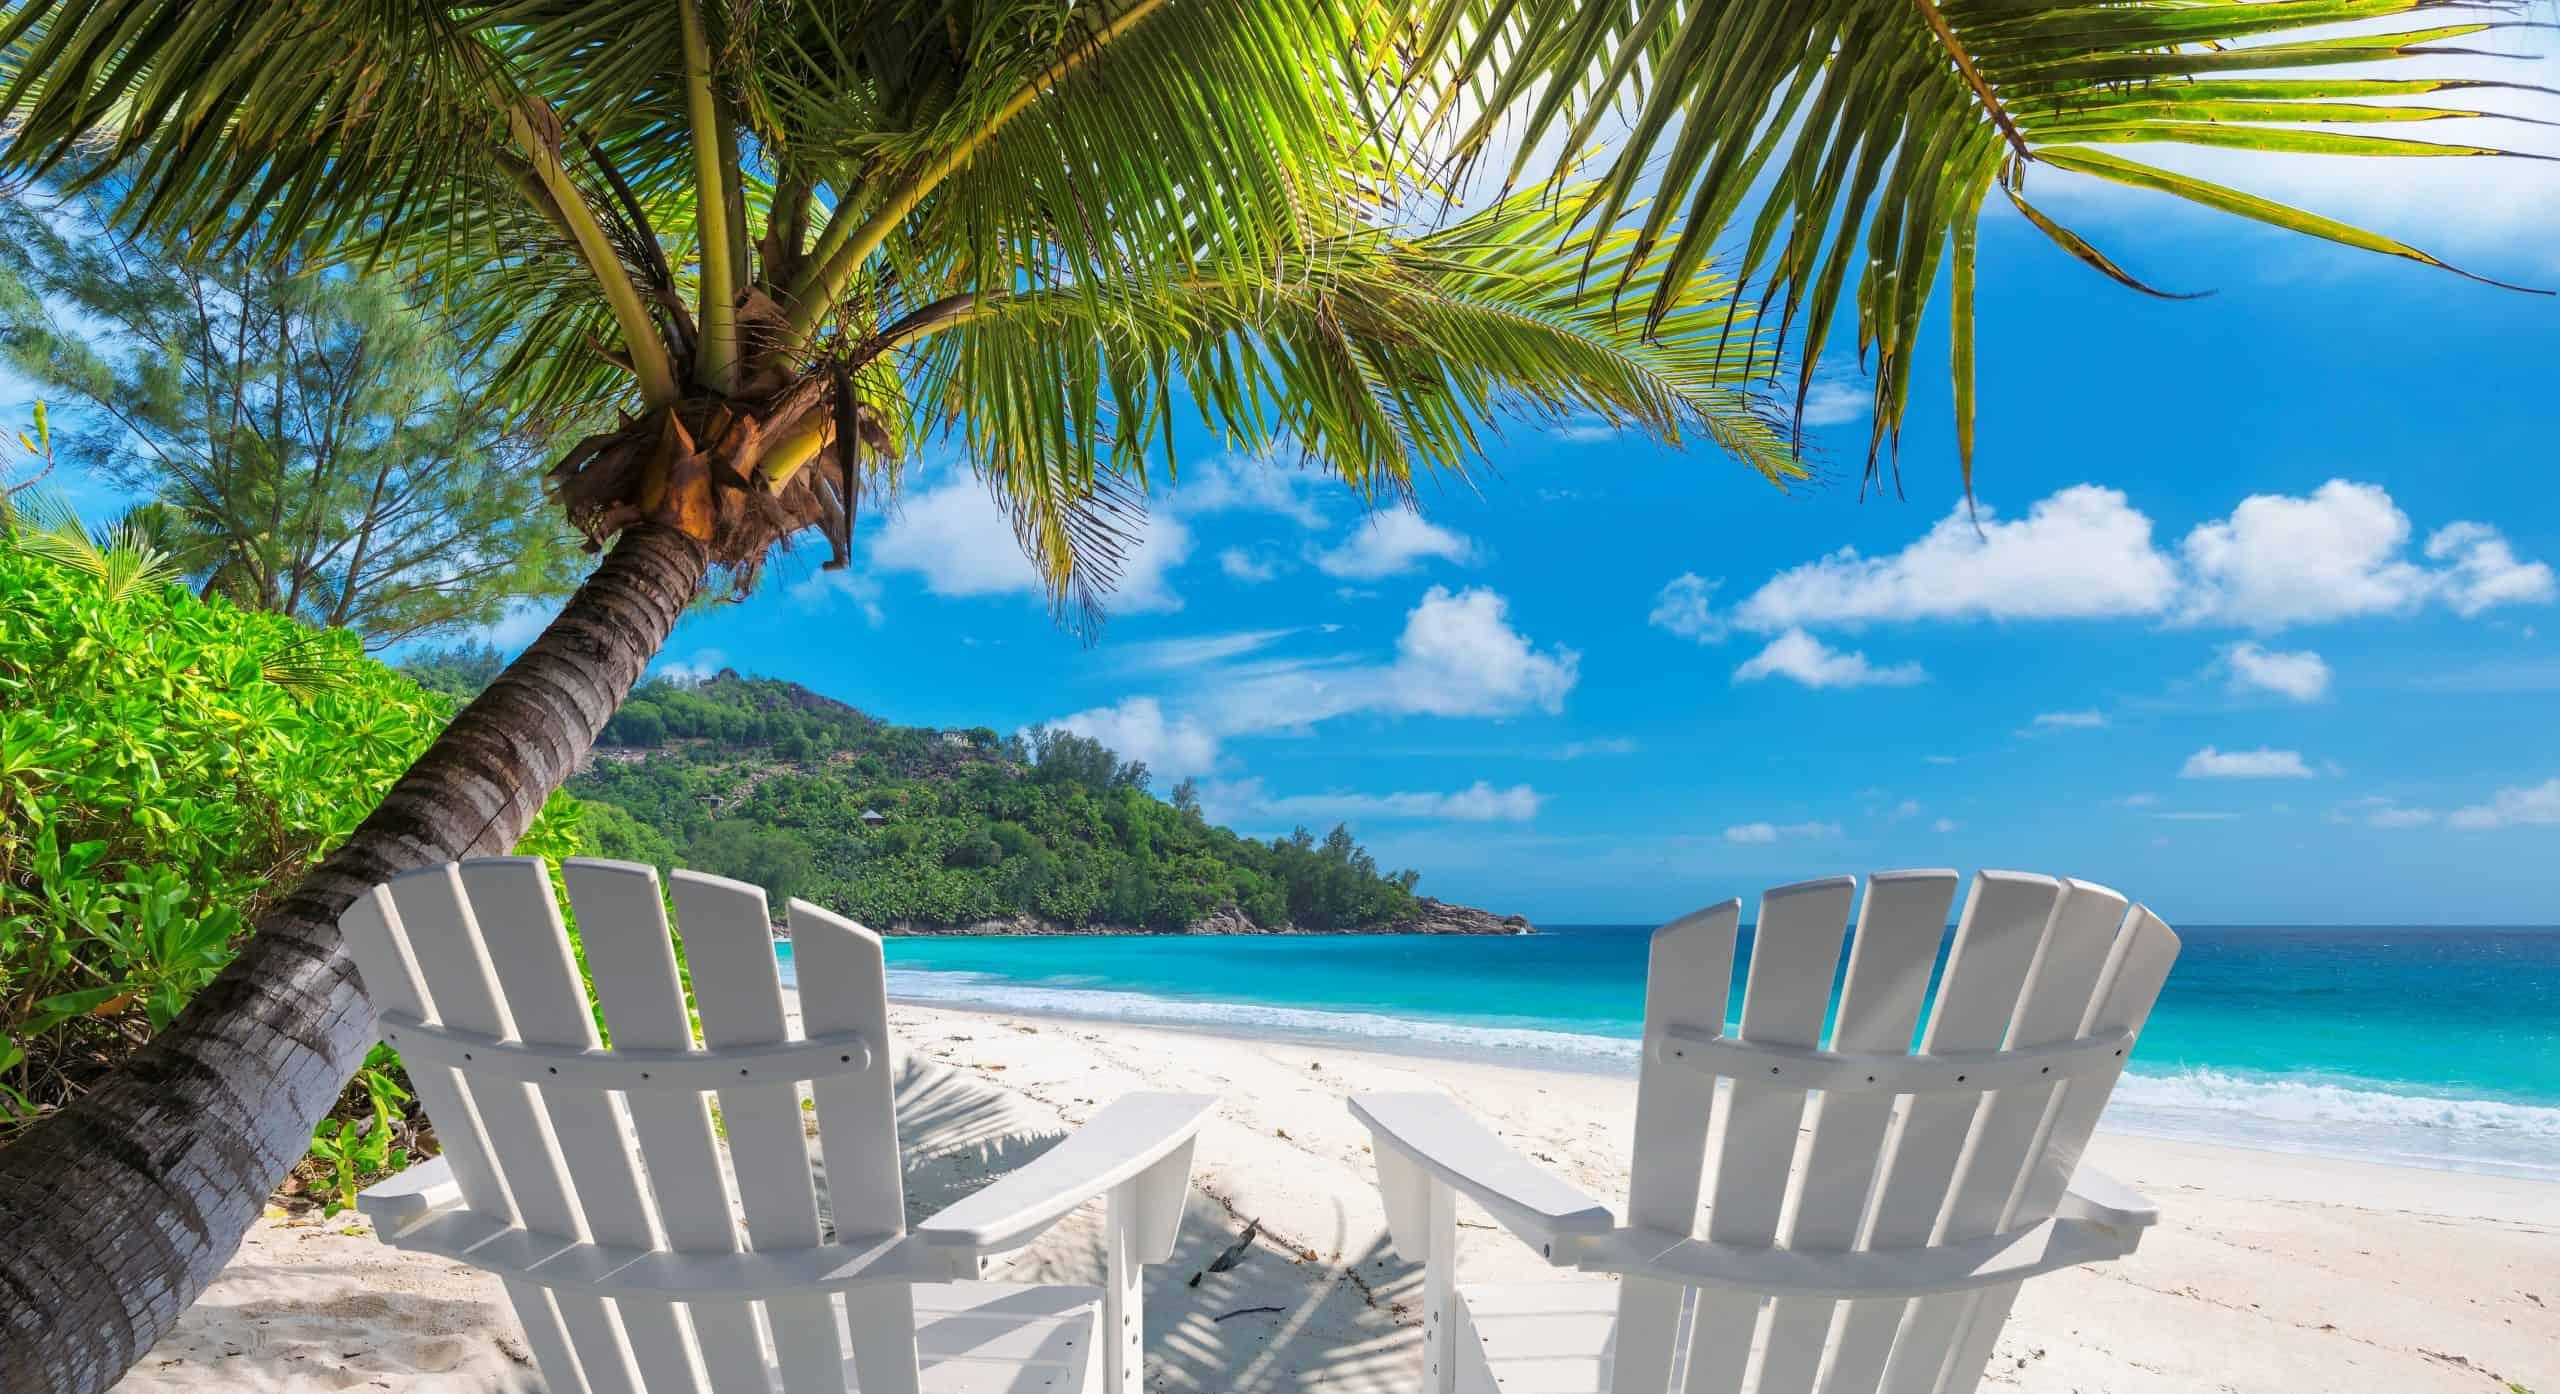 Goedkope Jamaica vakantie aanbiedingen en last minutes